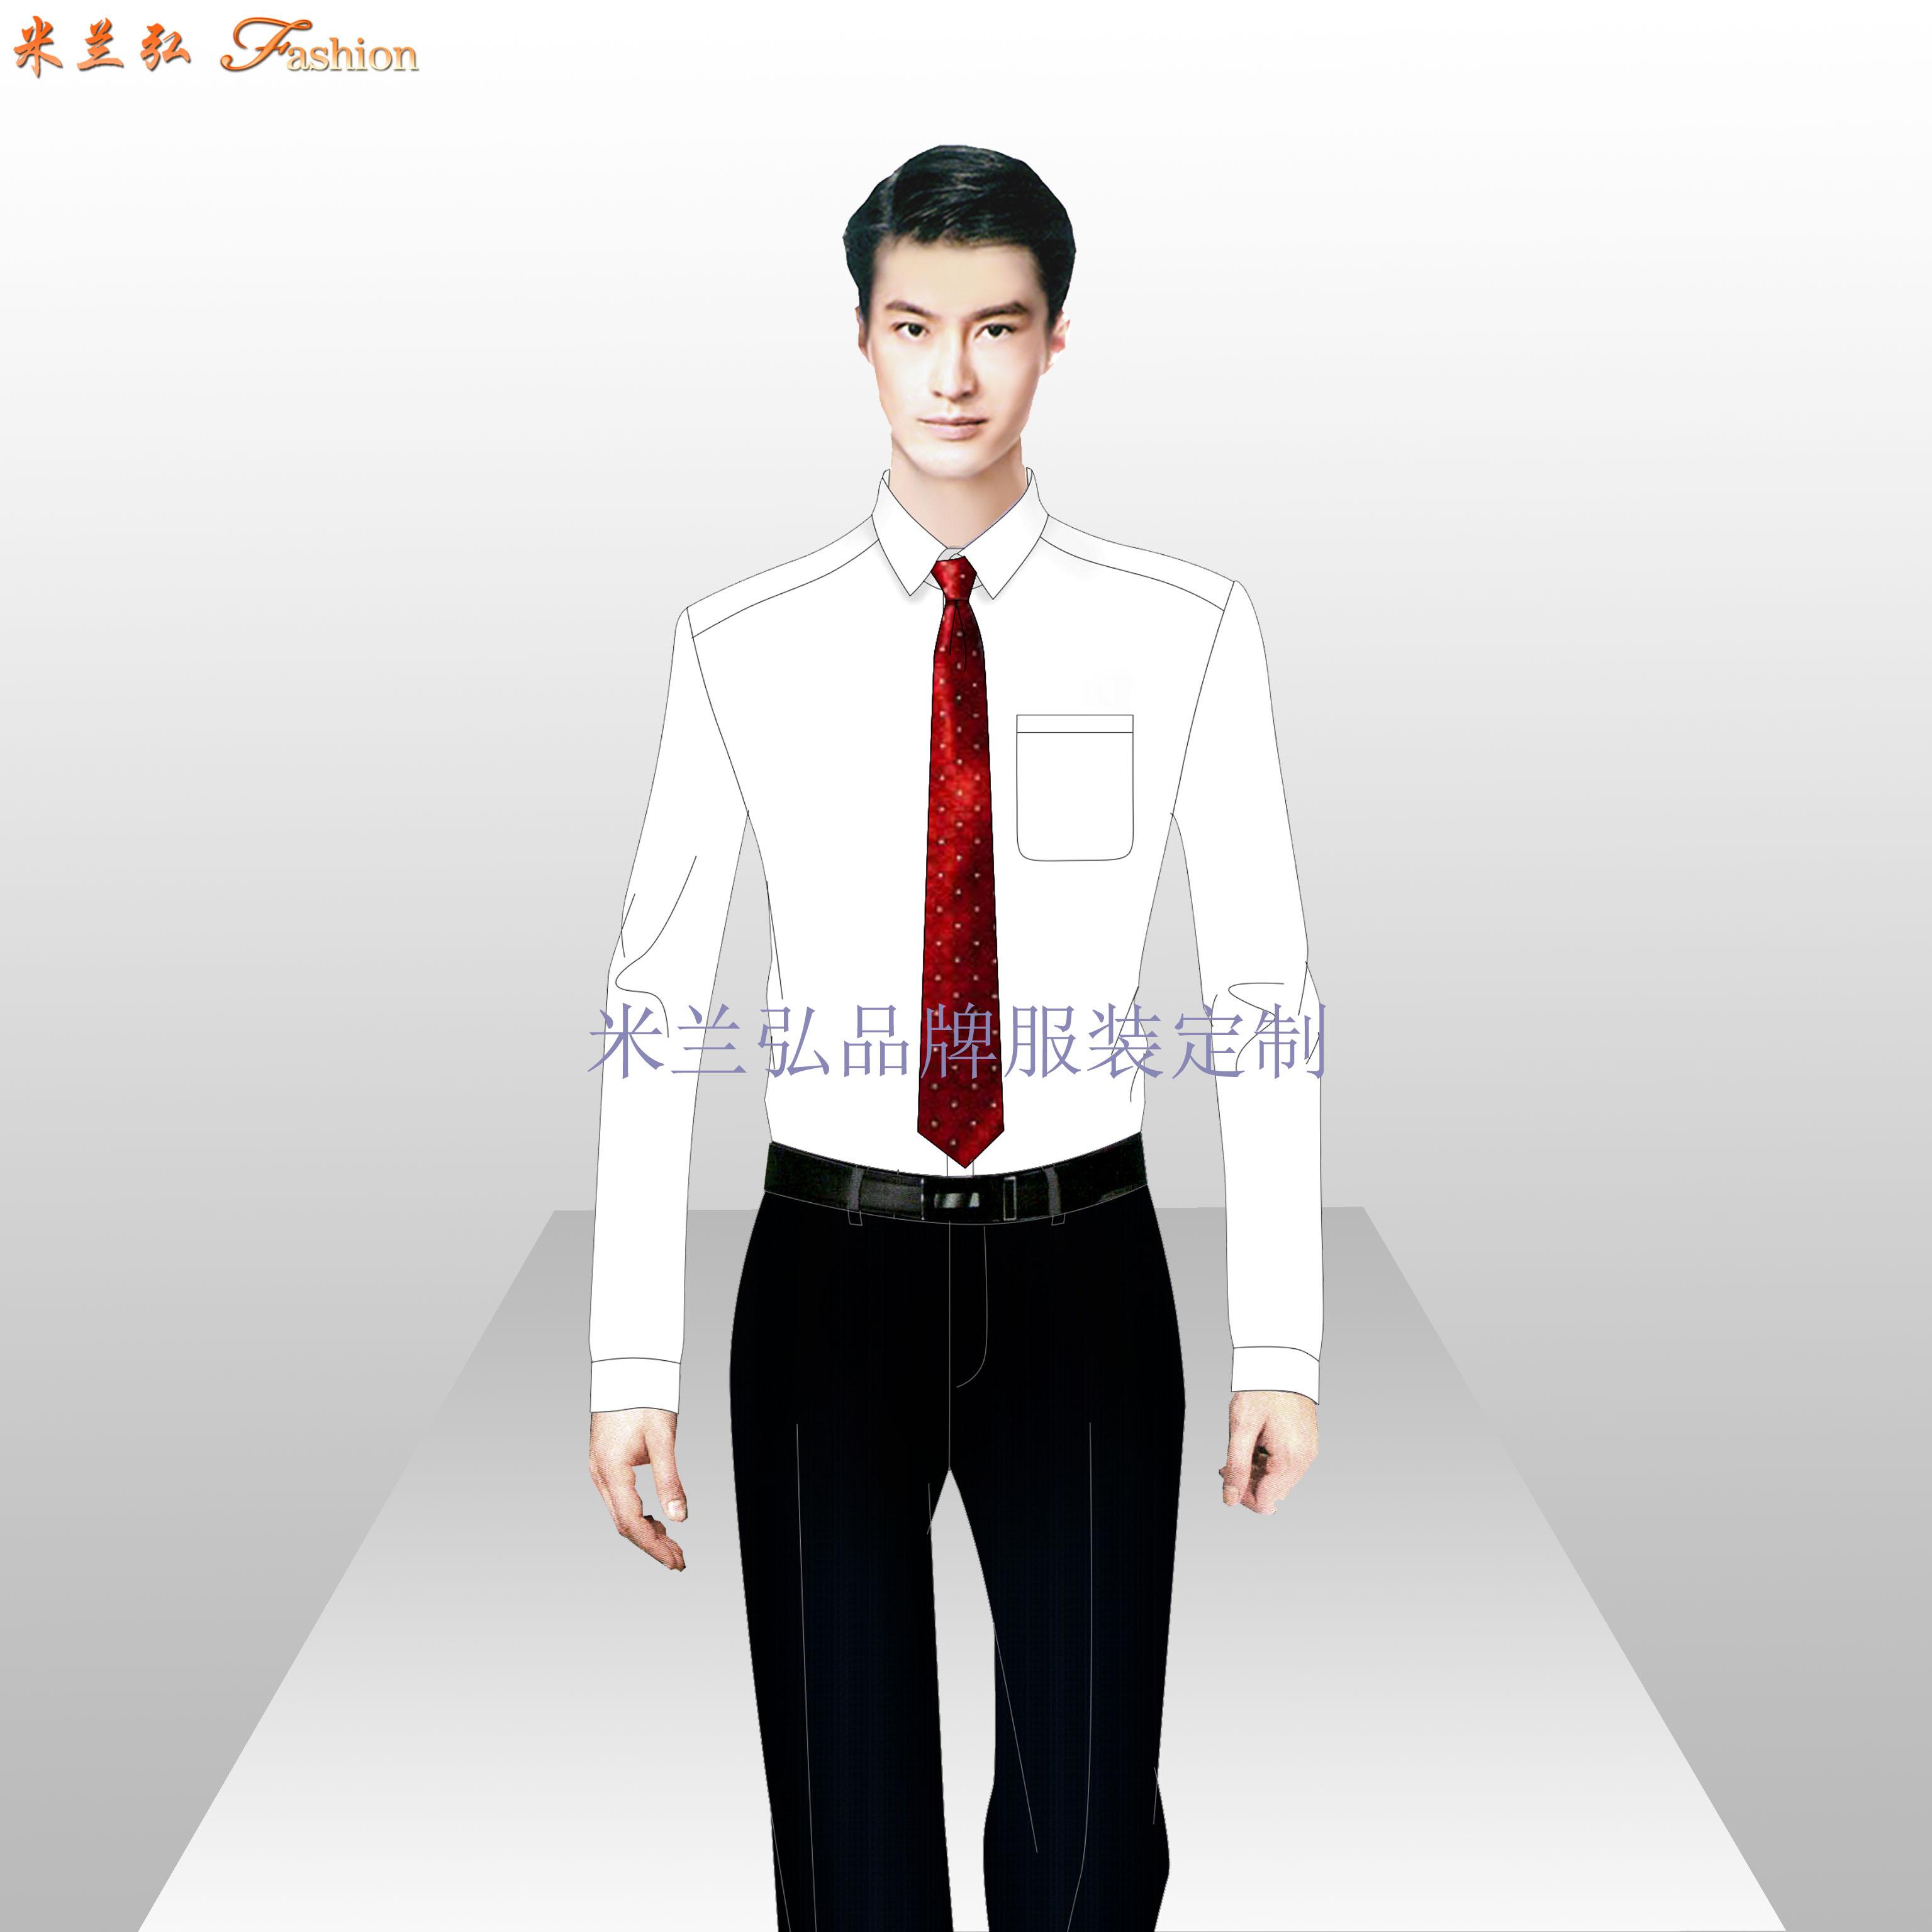 蘇州西服定製_多少錢_量體_圖片_口碑-永利注册网站服裝廠家-5